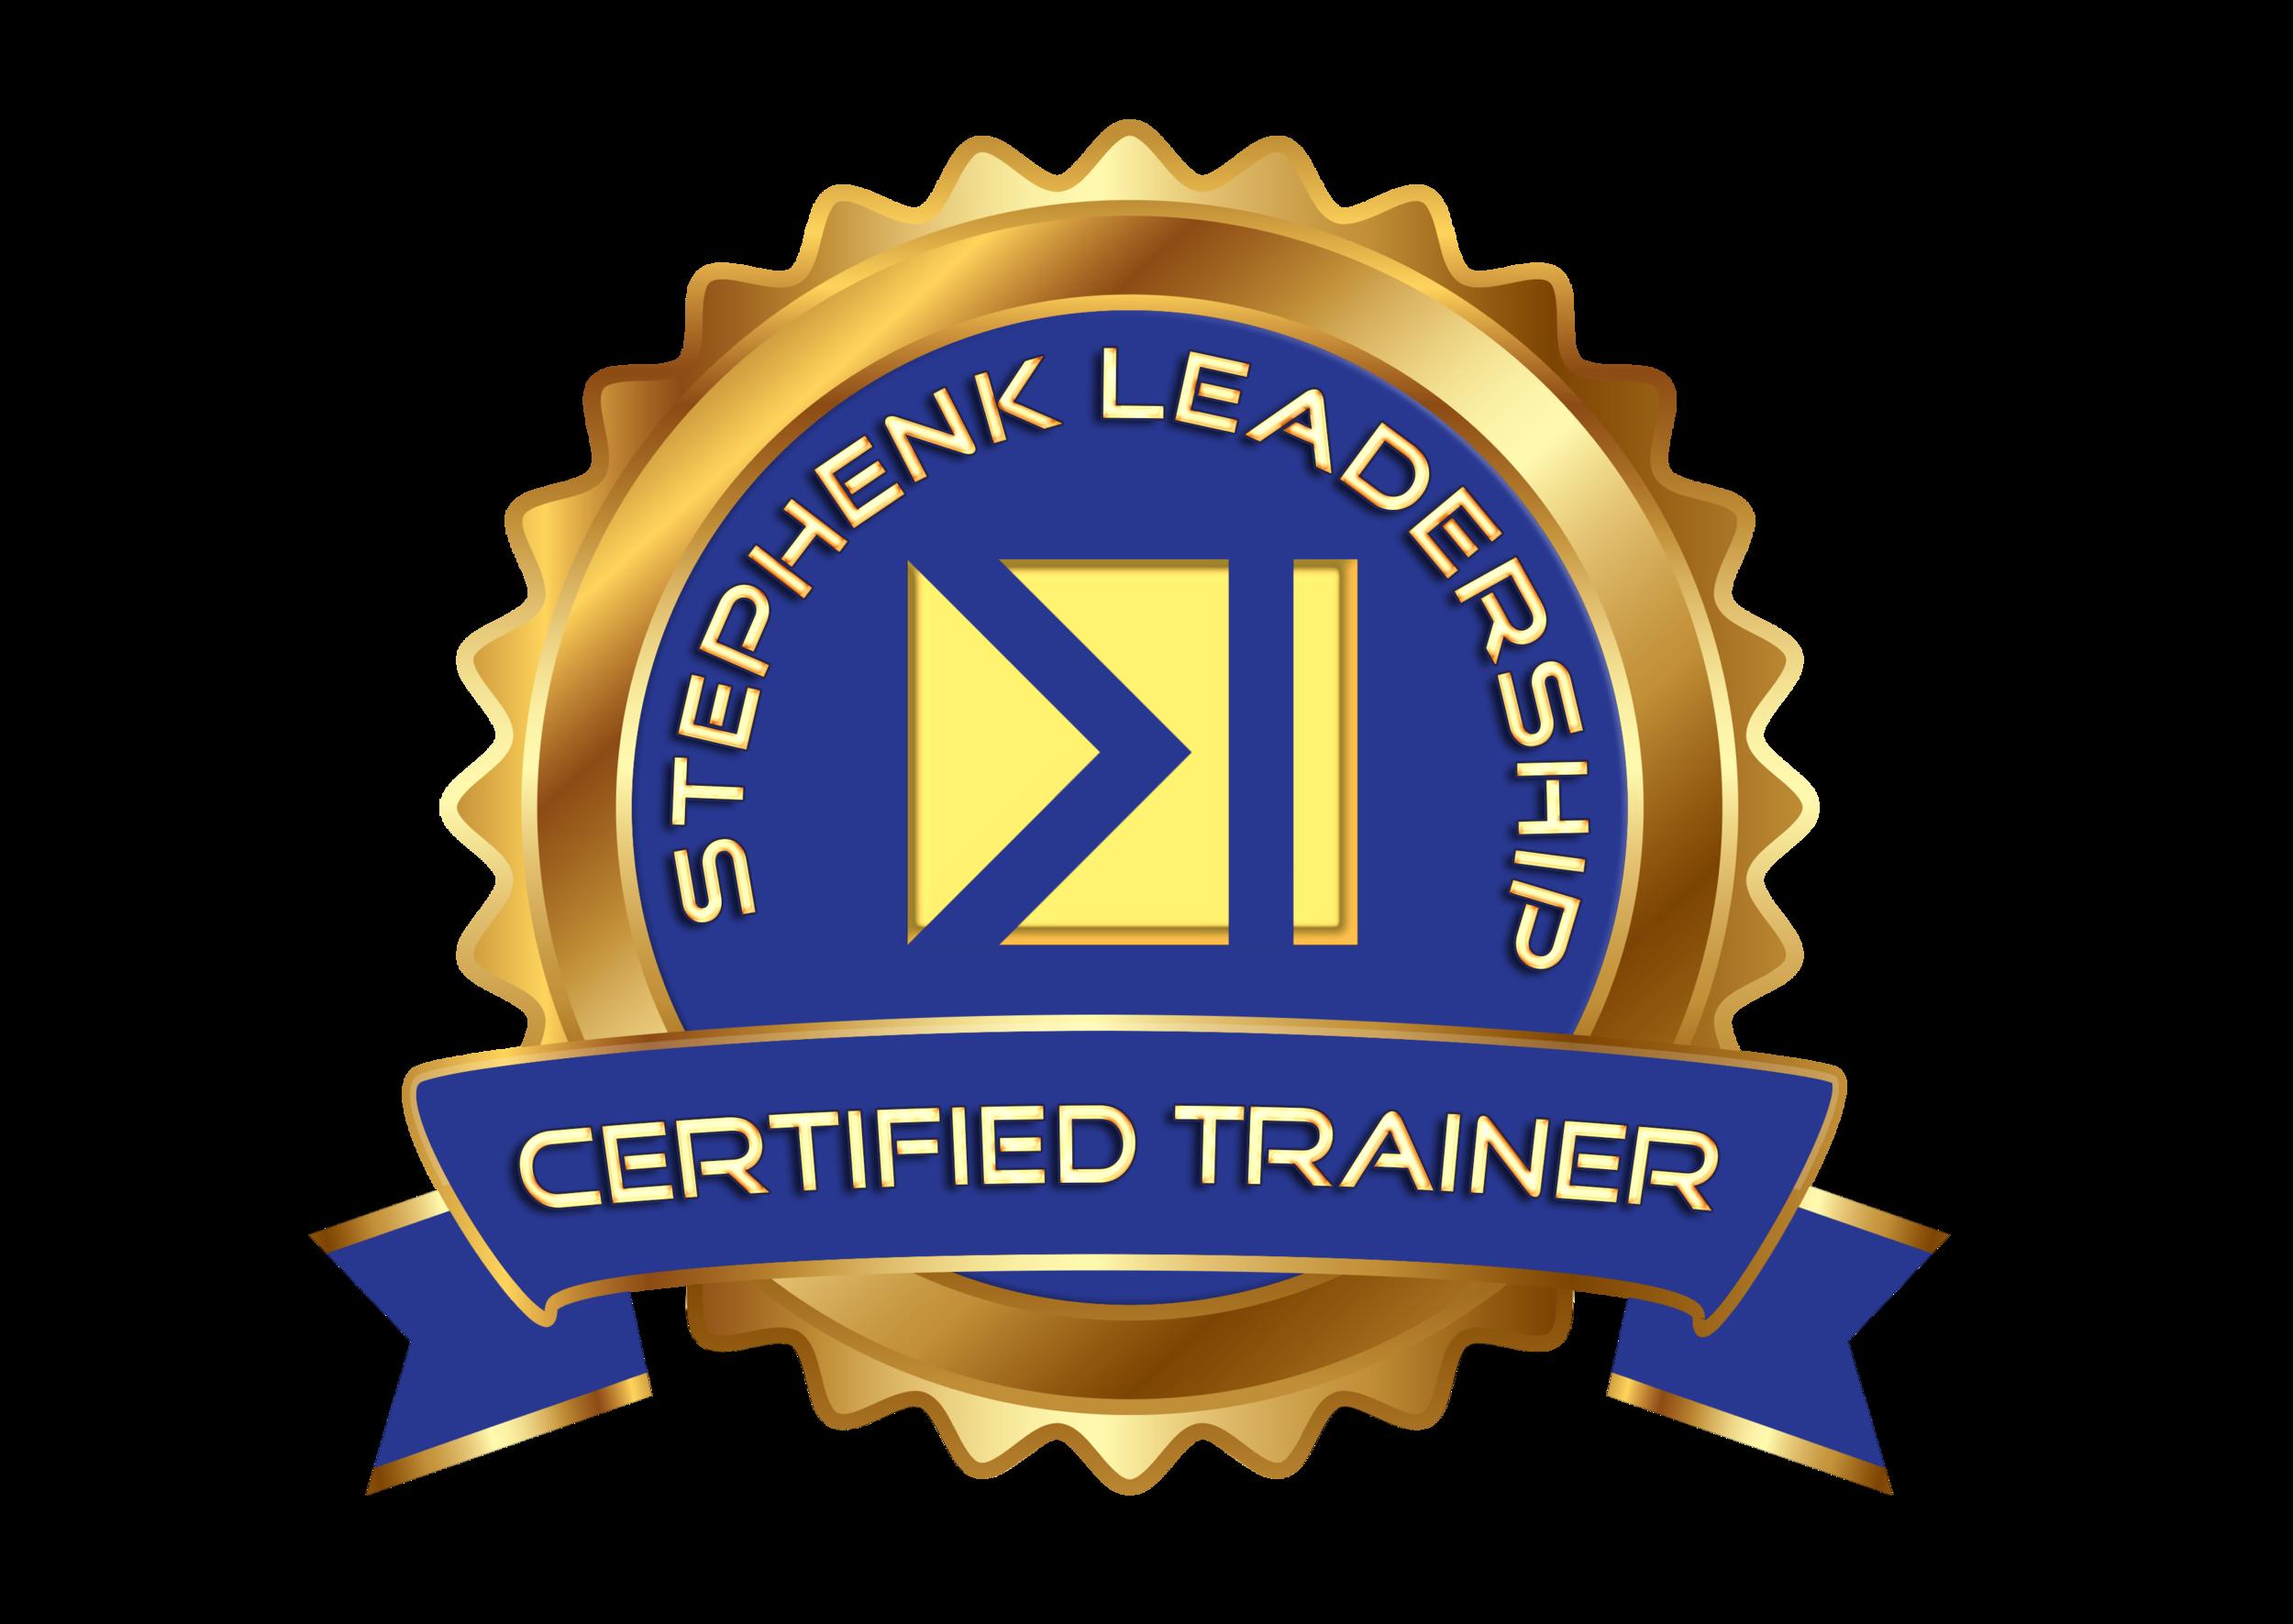 CertifiedTrainer_StephenKLeadership-1497150015219.png